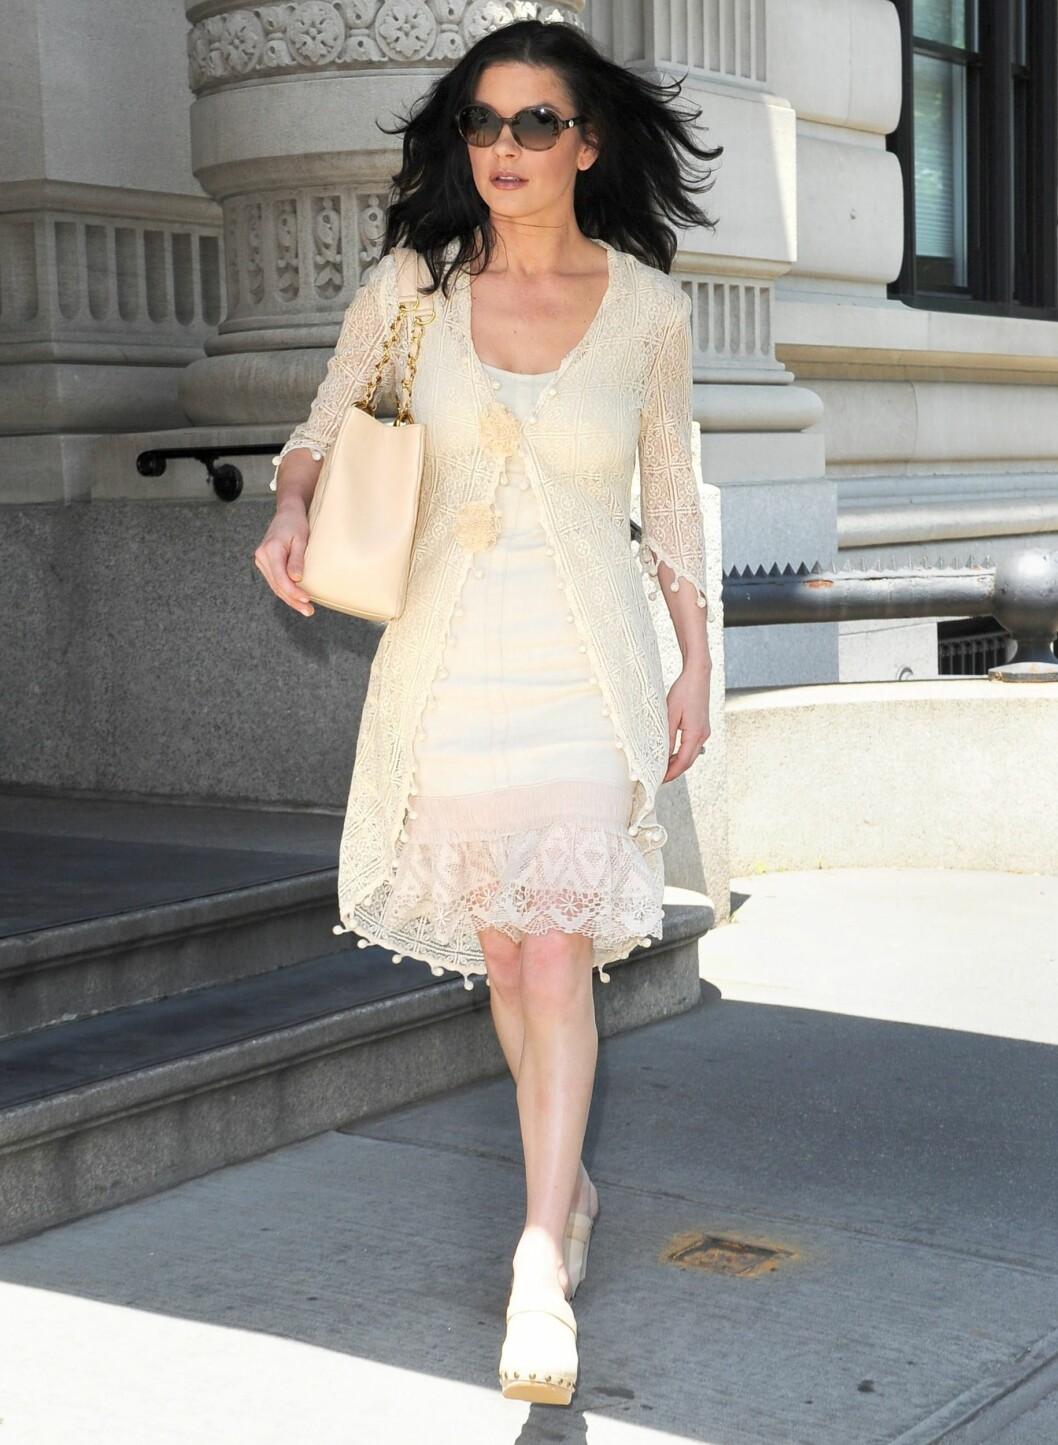 """Sett - det vil si kjole og omslagsjakke som """"hører sammen"""" - bør unngås. Samme fargetone på både veske og sko gjør det hele enda verre. Foto: All Over Press"""